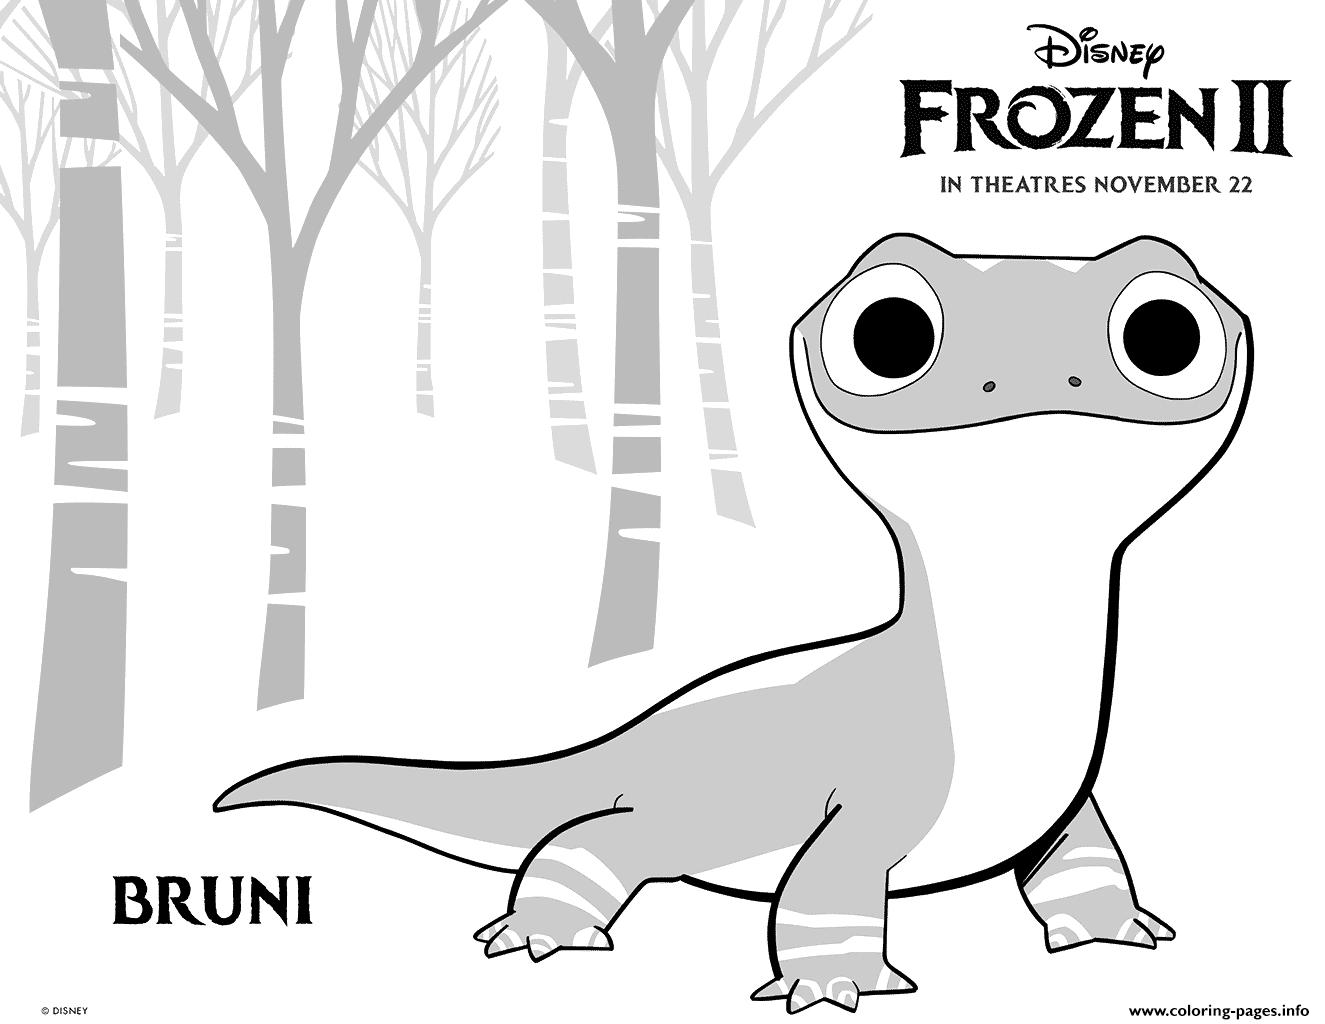 Print Disney Frozen 2 Bruni Salamander Coloring Pages Frozen Zeichnungen Kostenlose Ausmalbilder Ausmalbild Eiskonigin